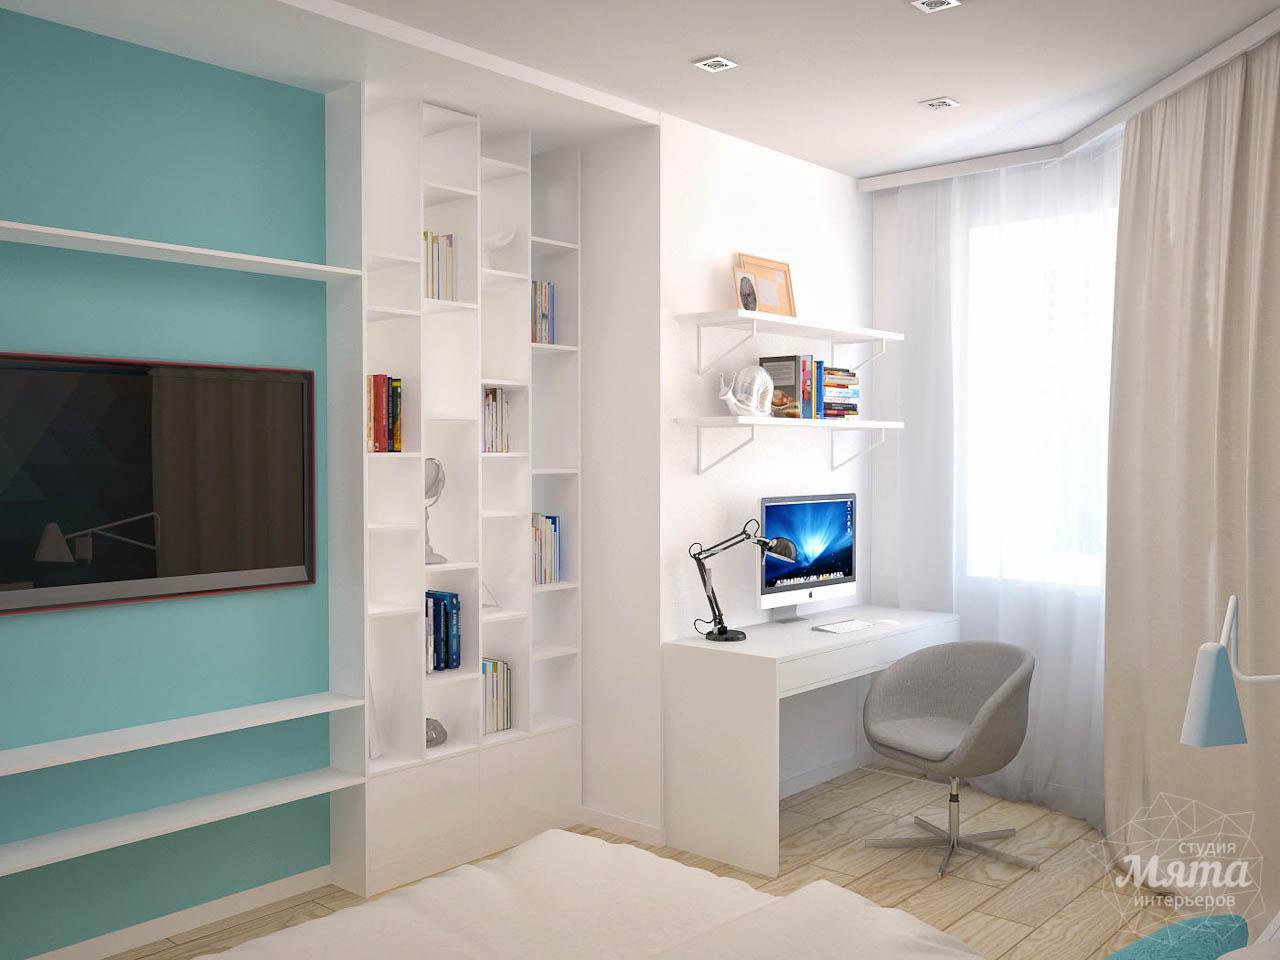 Дизайн интерьера и ремонт однокомнатной квартиры по ул. Сурикова 53а img1875631507